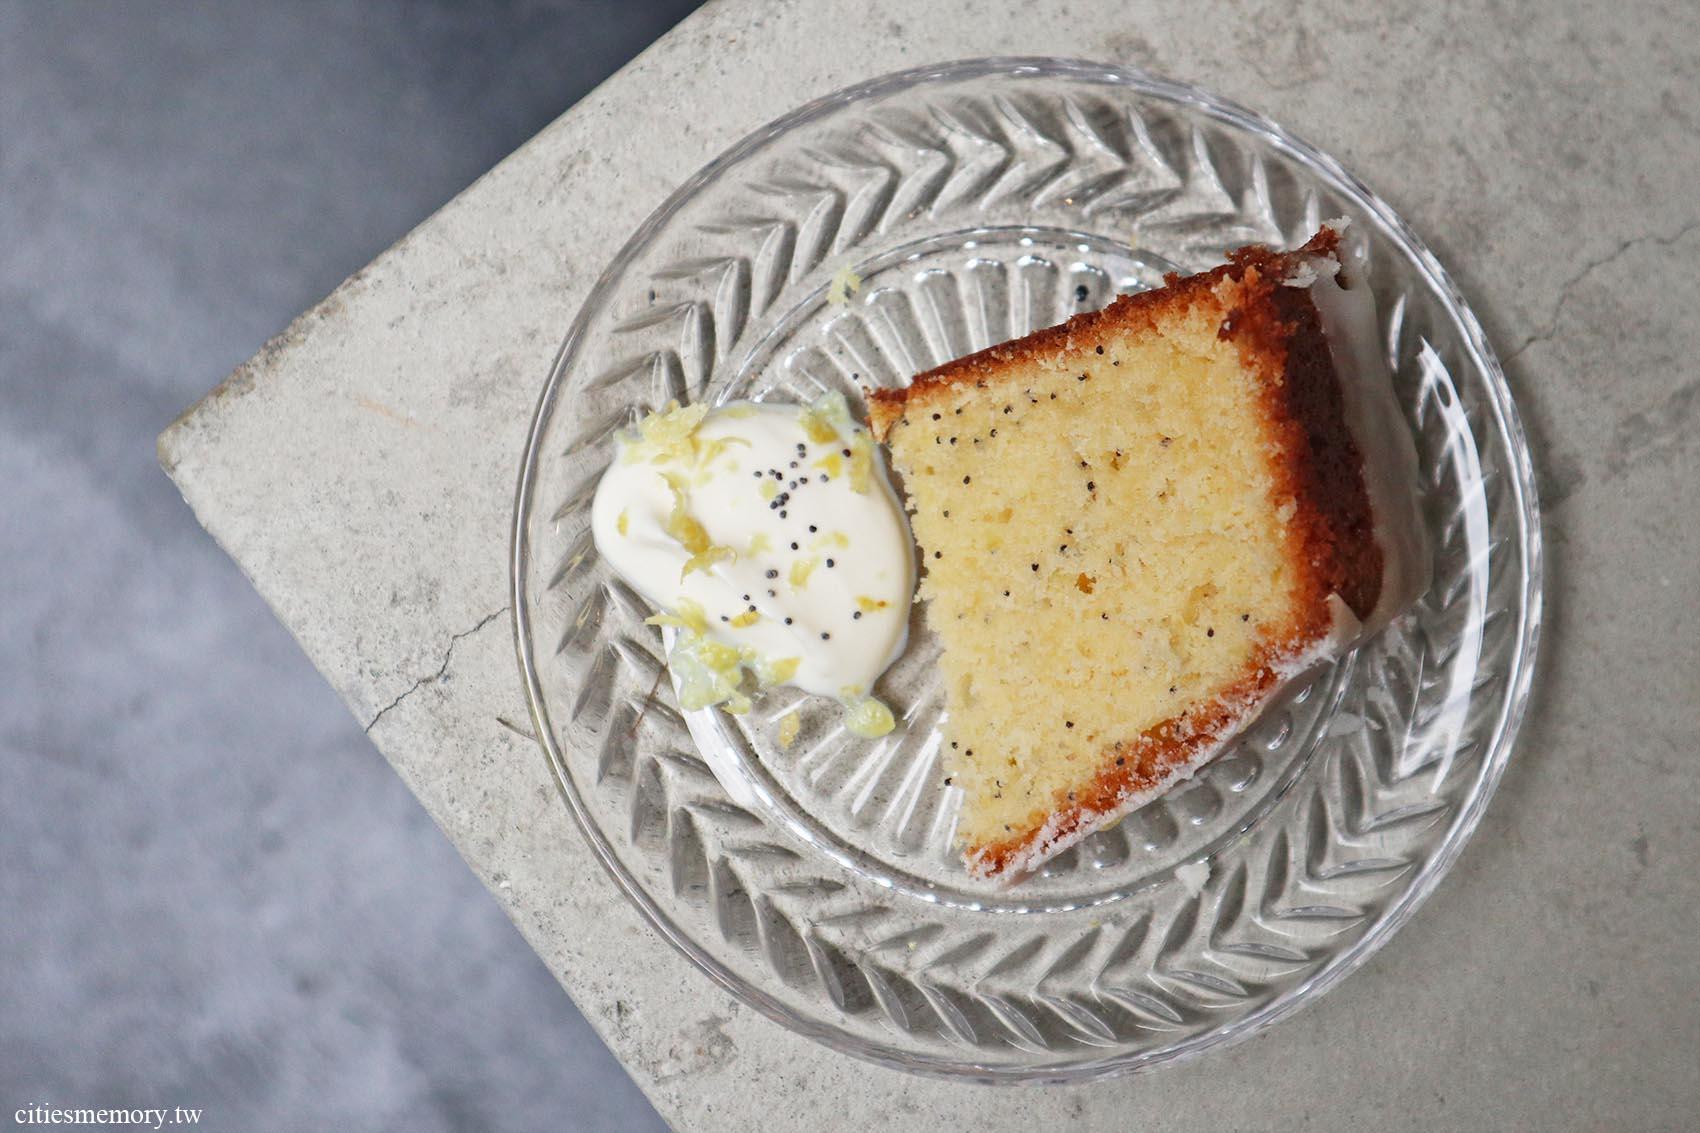 罌粟籽檸檬蛋糕